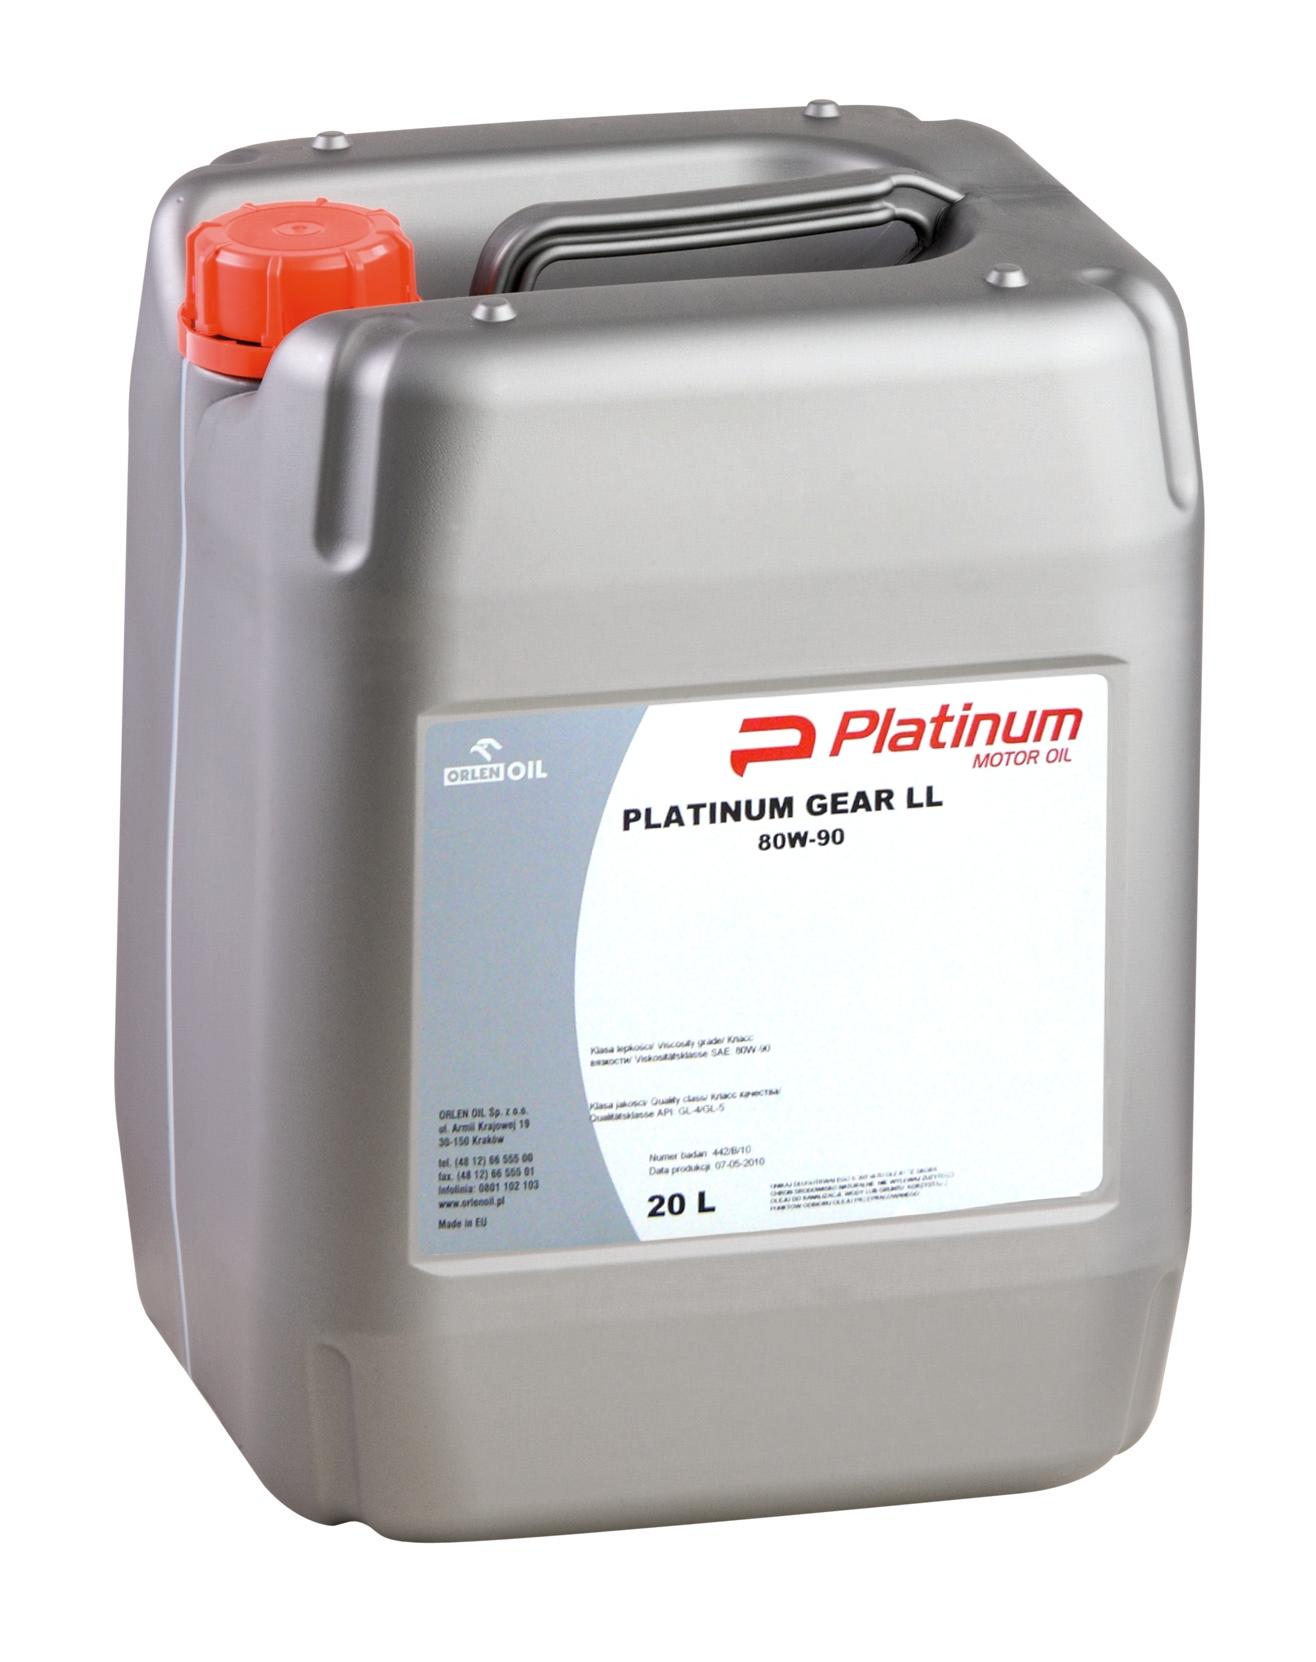 PLATINUM GEAR LL 80W/90    KP 20L